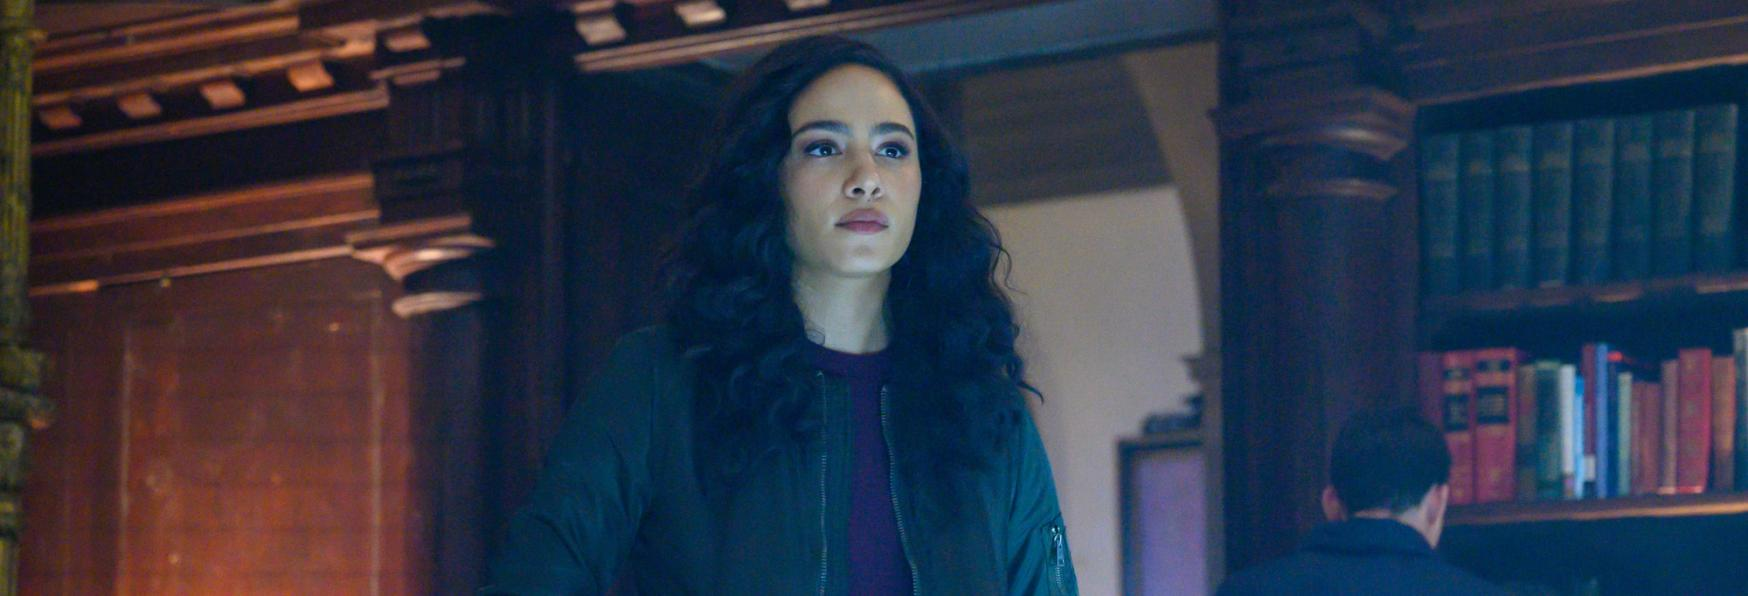 Westworld 4: Aurora Perrineau (Prodigal Son) nel Cast della nuova Stagione